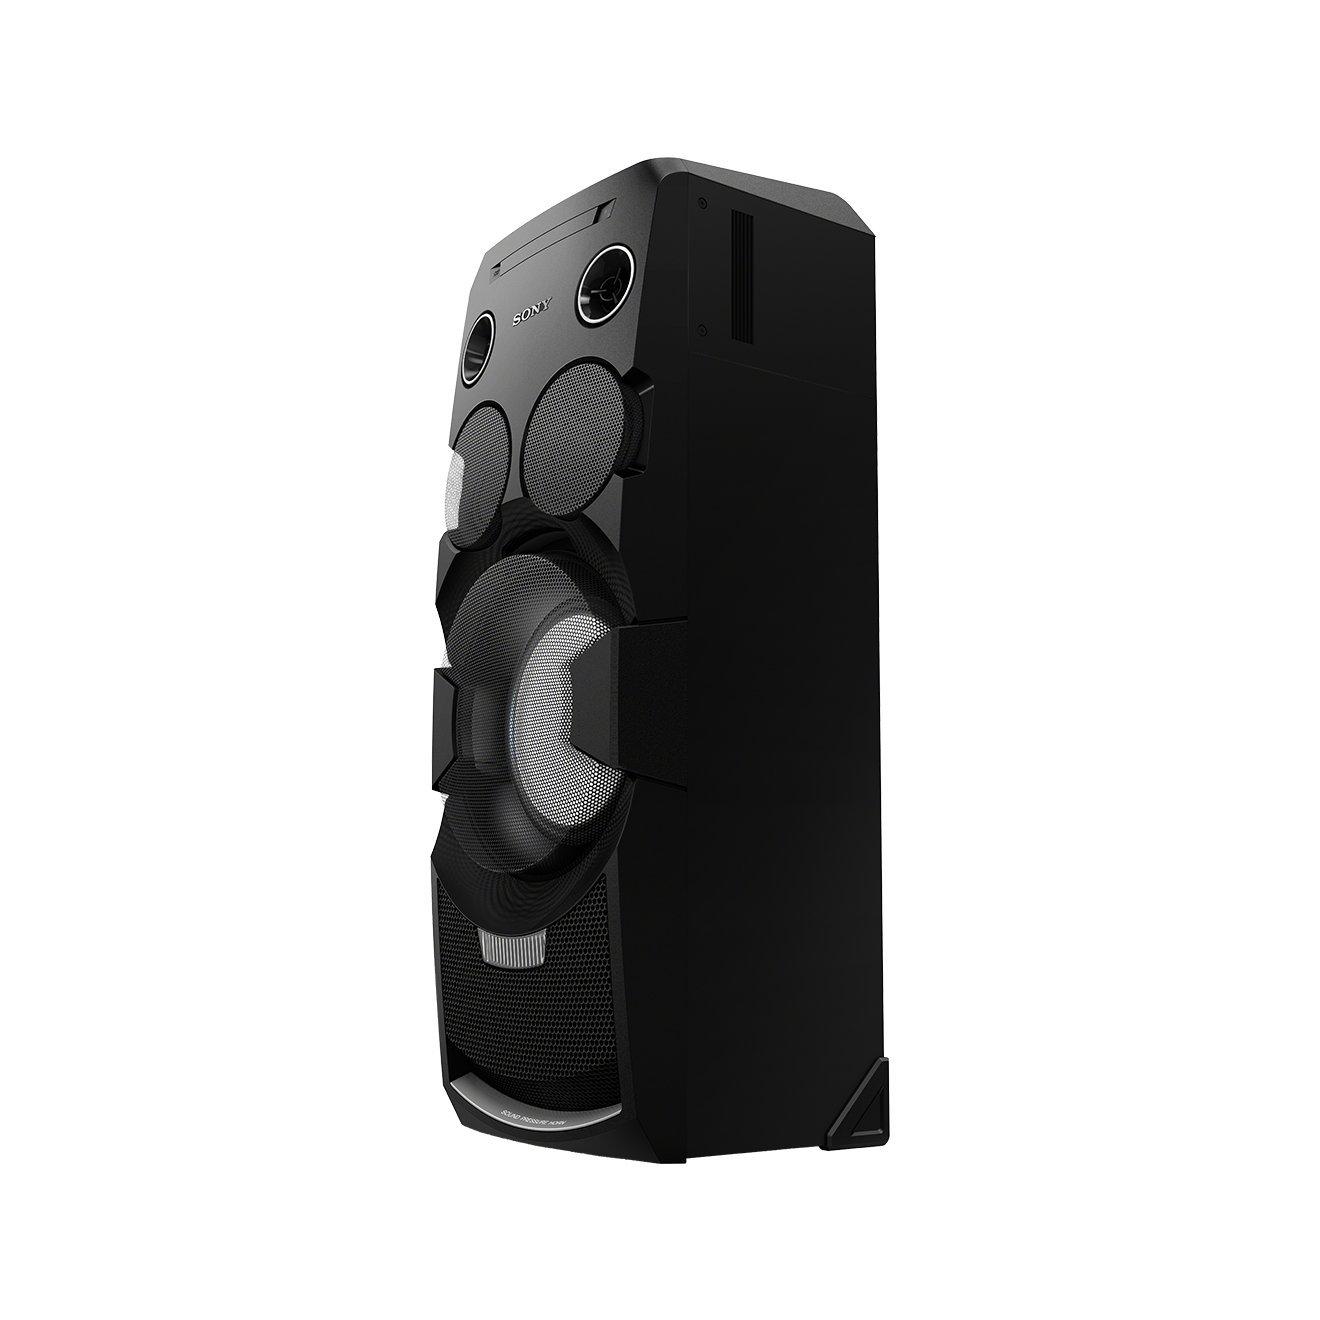 Sony MHC-V7D - Sistema de audio todo-en-uno de 1440 W (Bluetooth, NFC, iluminación LED, efectos DJ y control gestual), color negro: Amazon.es: Electrónica